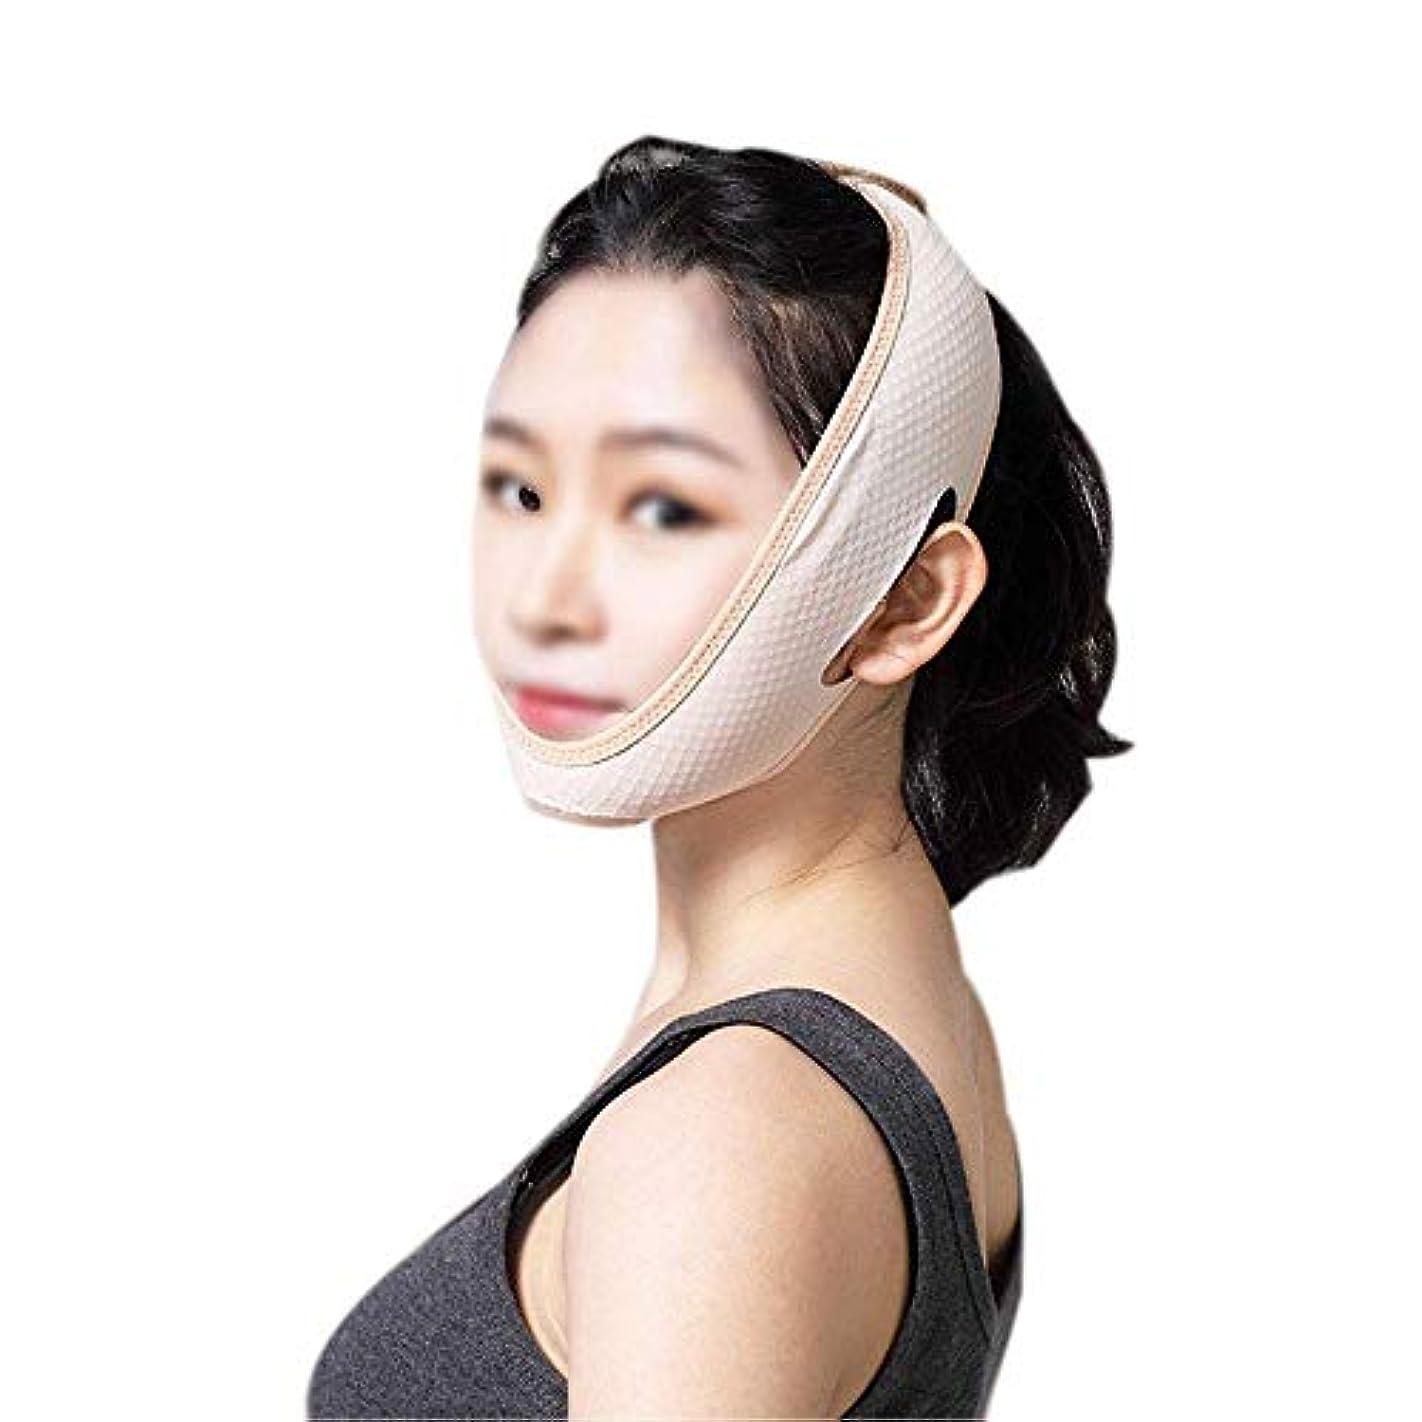 いじめっ子エキゾチック利益フェイスリフティングバンデージ、肌の引き締めを強化する薄いフェイスマスクの睡眠、ダブルチンマスクの削減